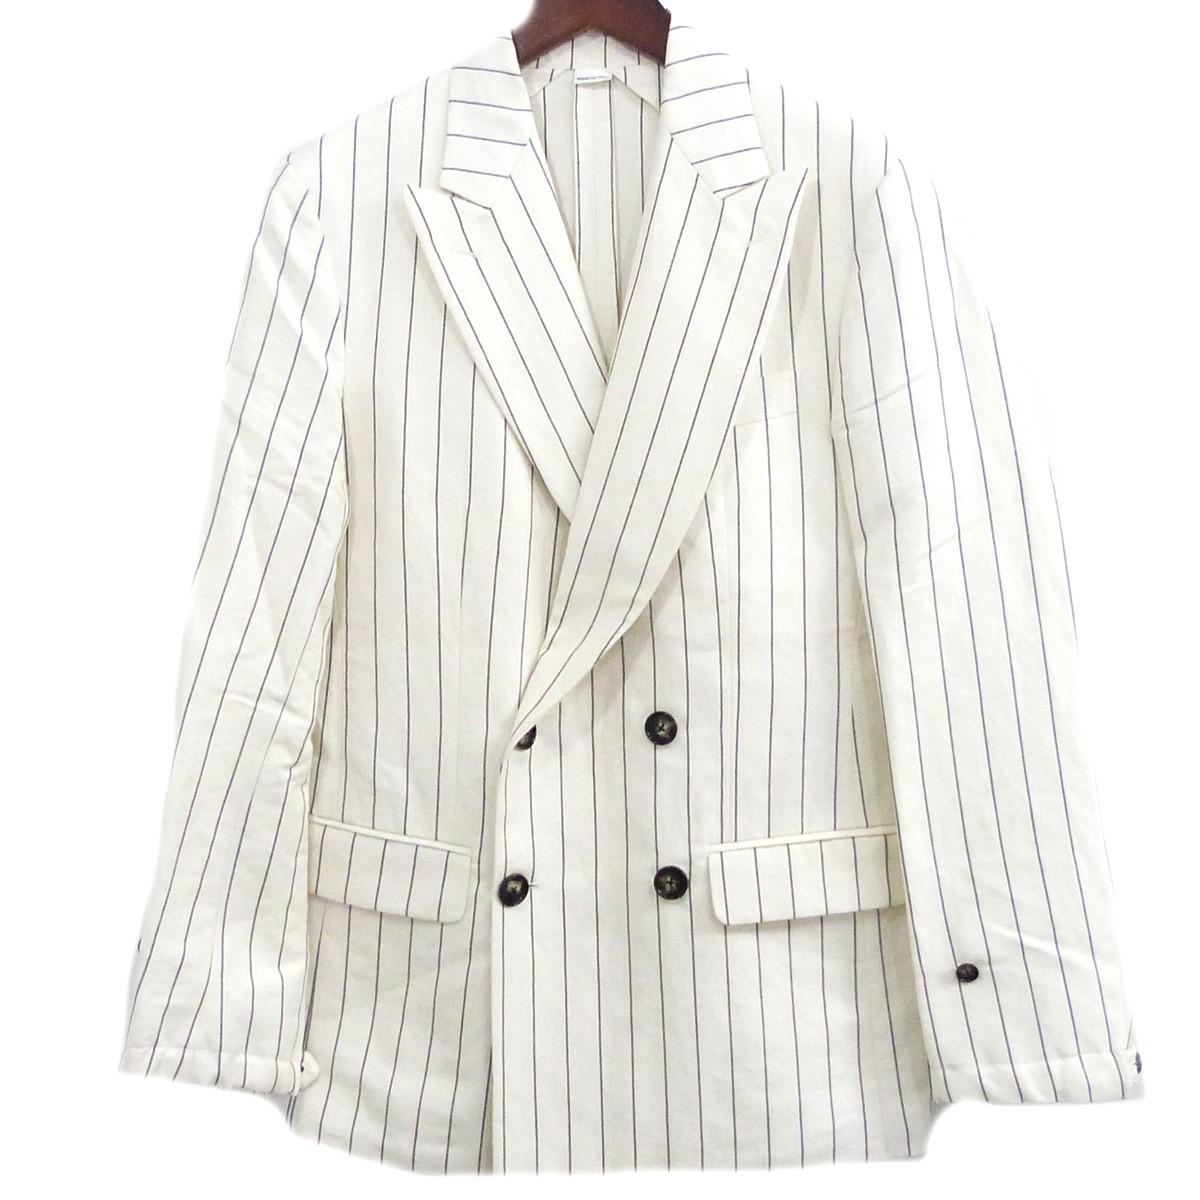 【中古】UMIT BENAN ストライプダブルプレストジャケット ホワイト×ブラック サイズ:44 【250420】(ウミット ベナン)